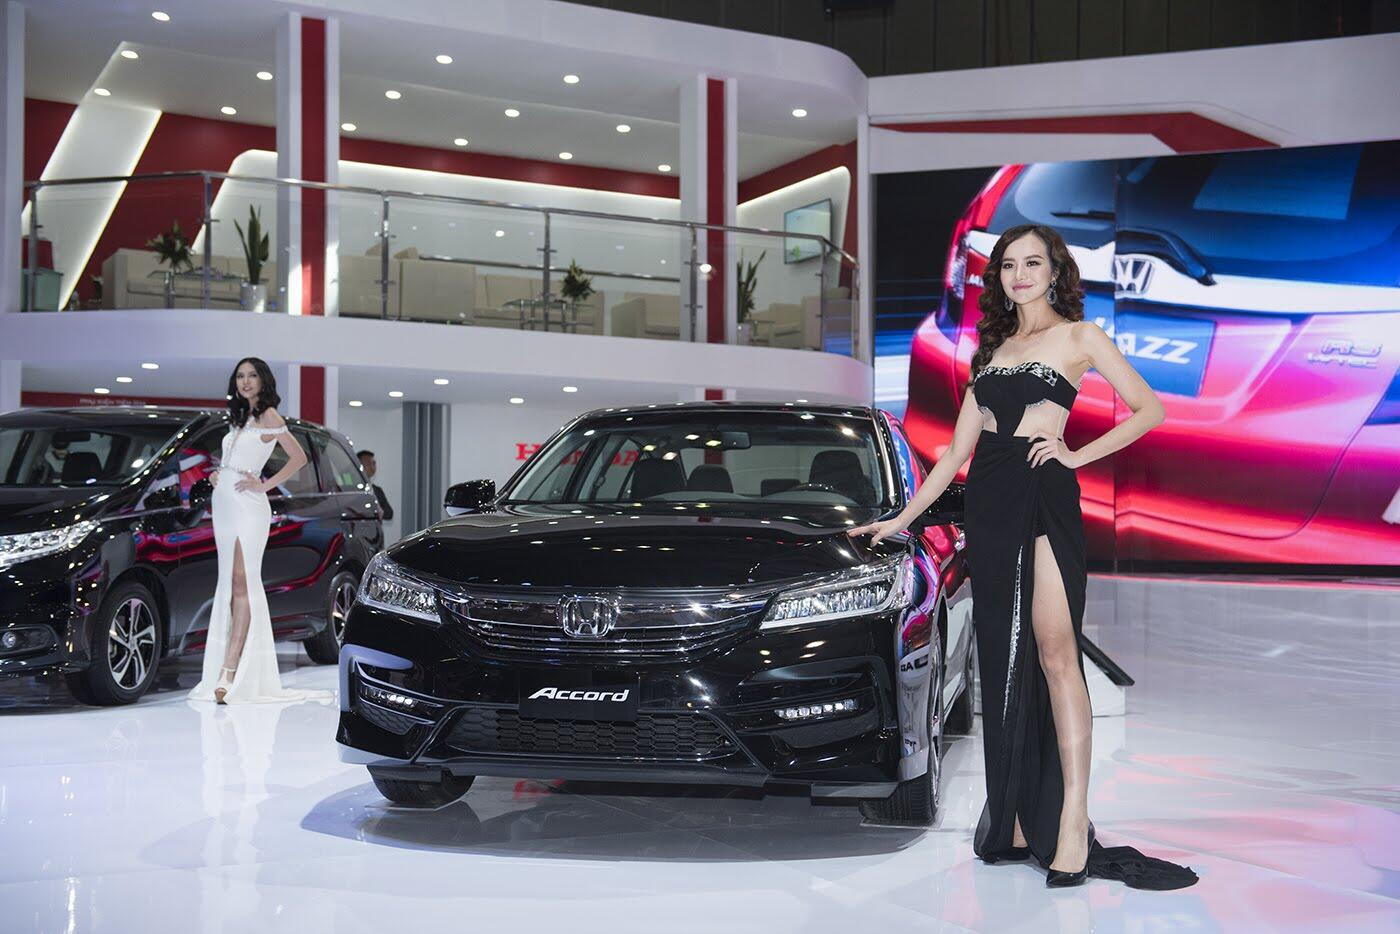 """Đến VMS 2107, """"nếm"""" vị cuộc sống tại gian hàng Honda - Hình 10"""